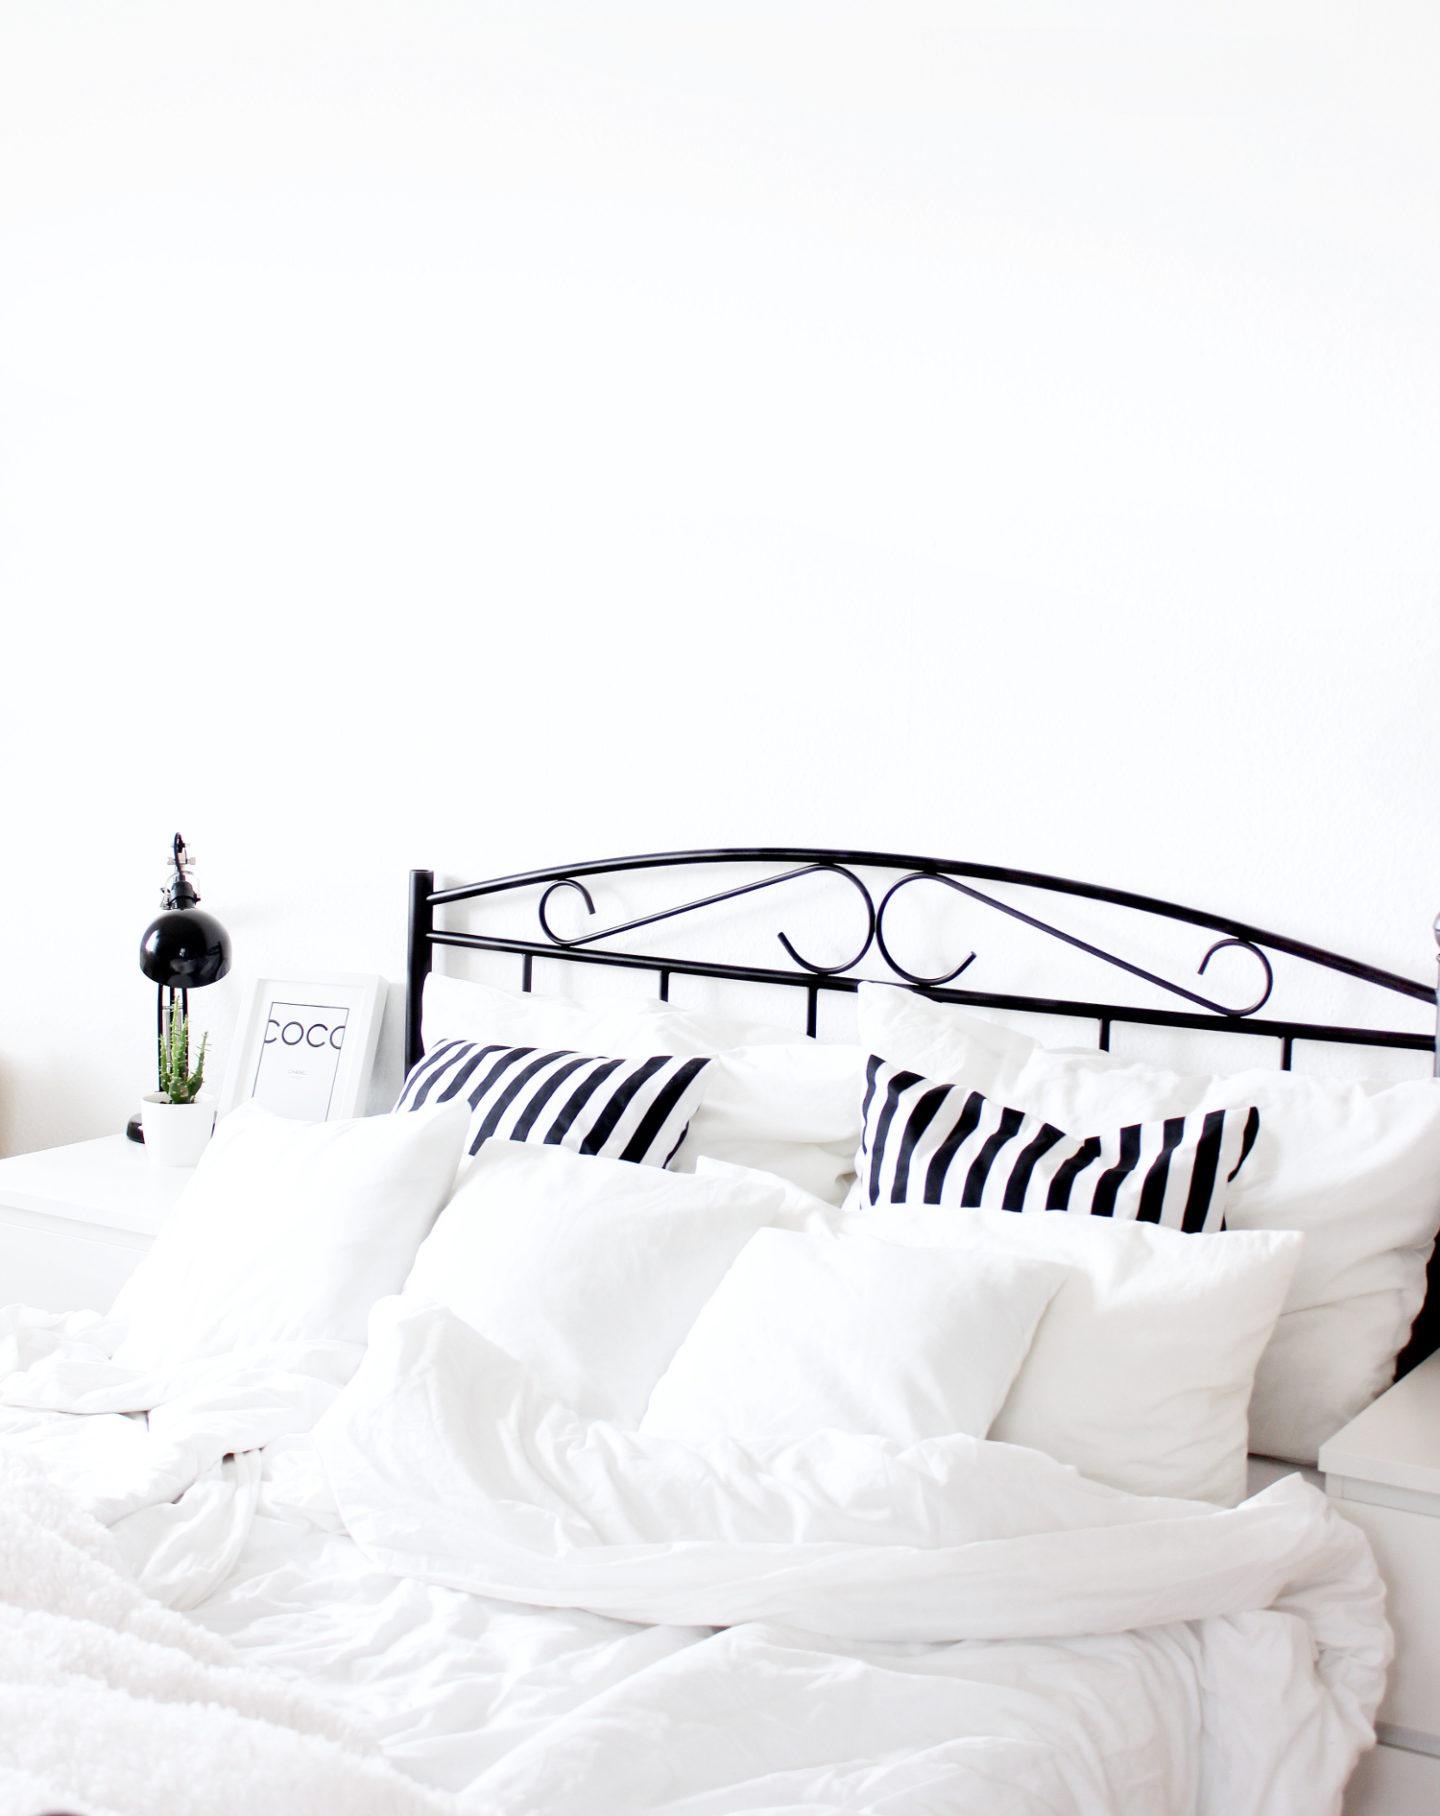 Full Size of Interior Einrichtung Skandinavisch Minimalistisch Bett Jugendstil Team 7 Betten 180x200 Weiß Tagesdecken Für Günstig Kaufen Ausklappbares 140x200 Mit Bett Bett Minimalistisch